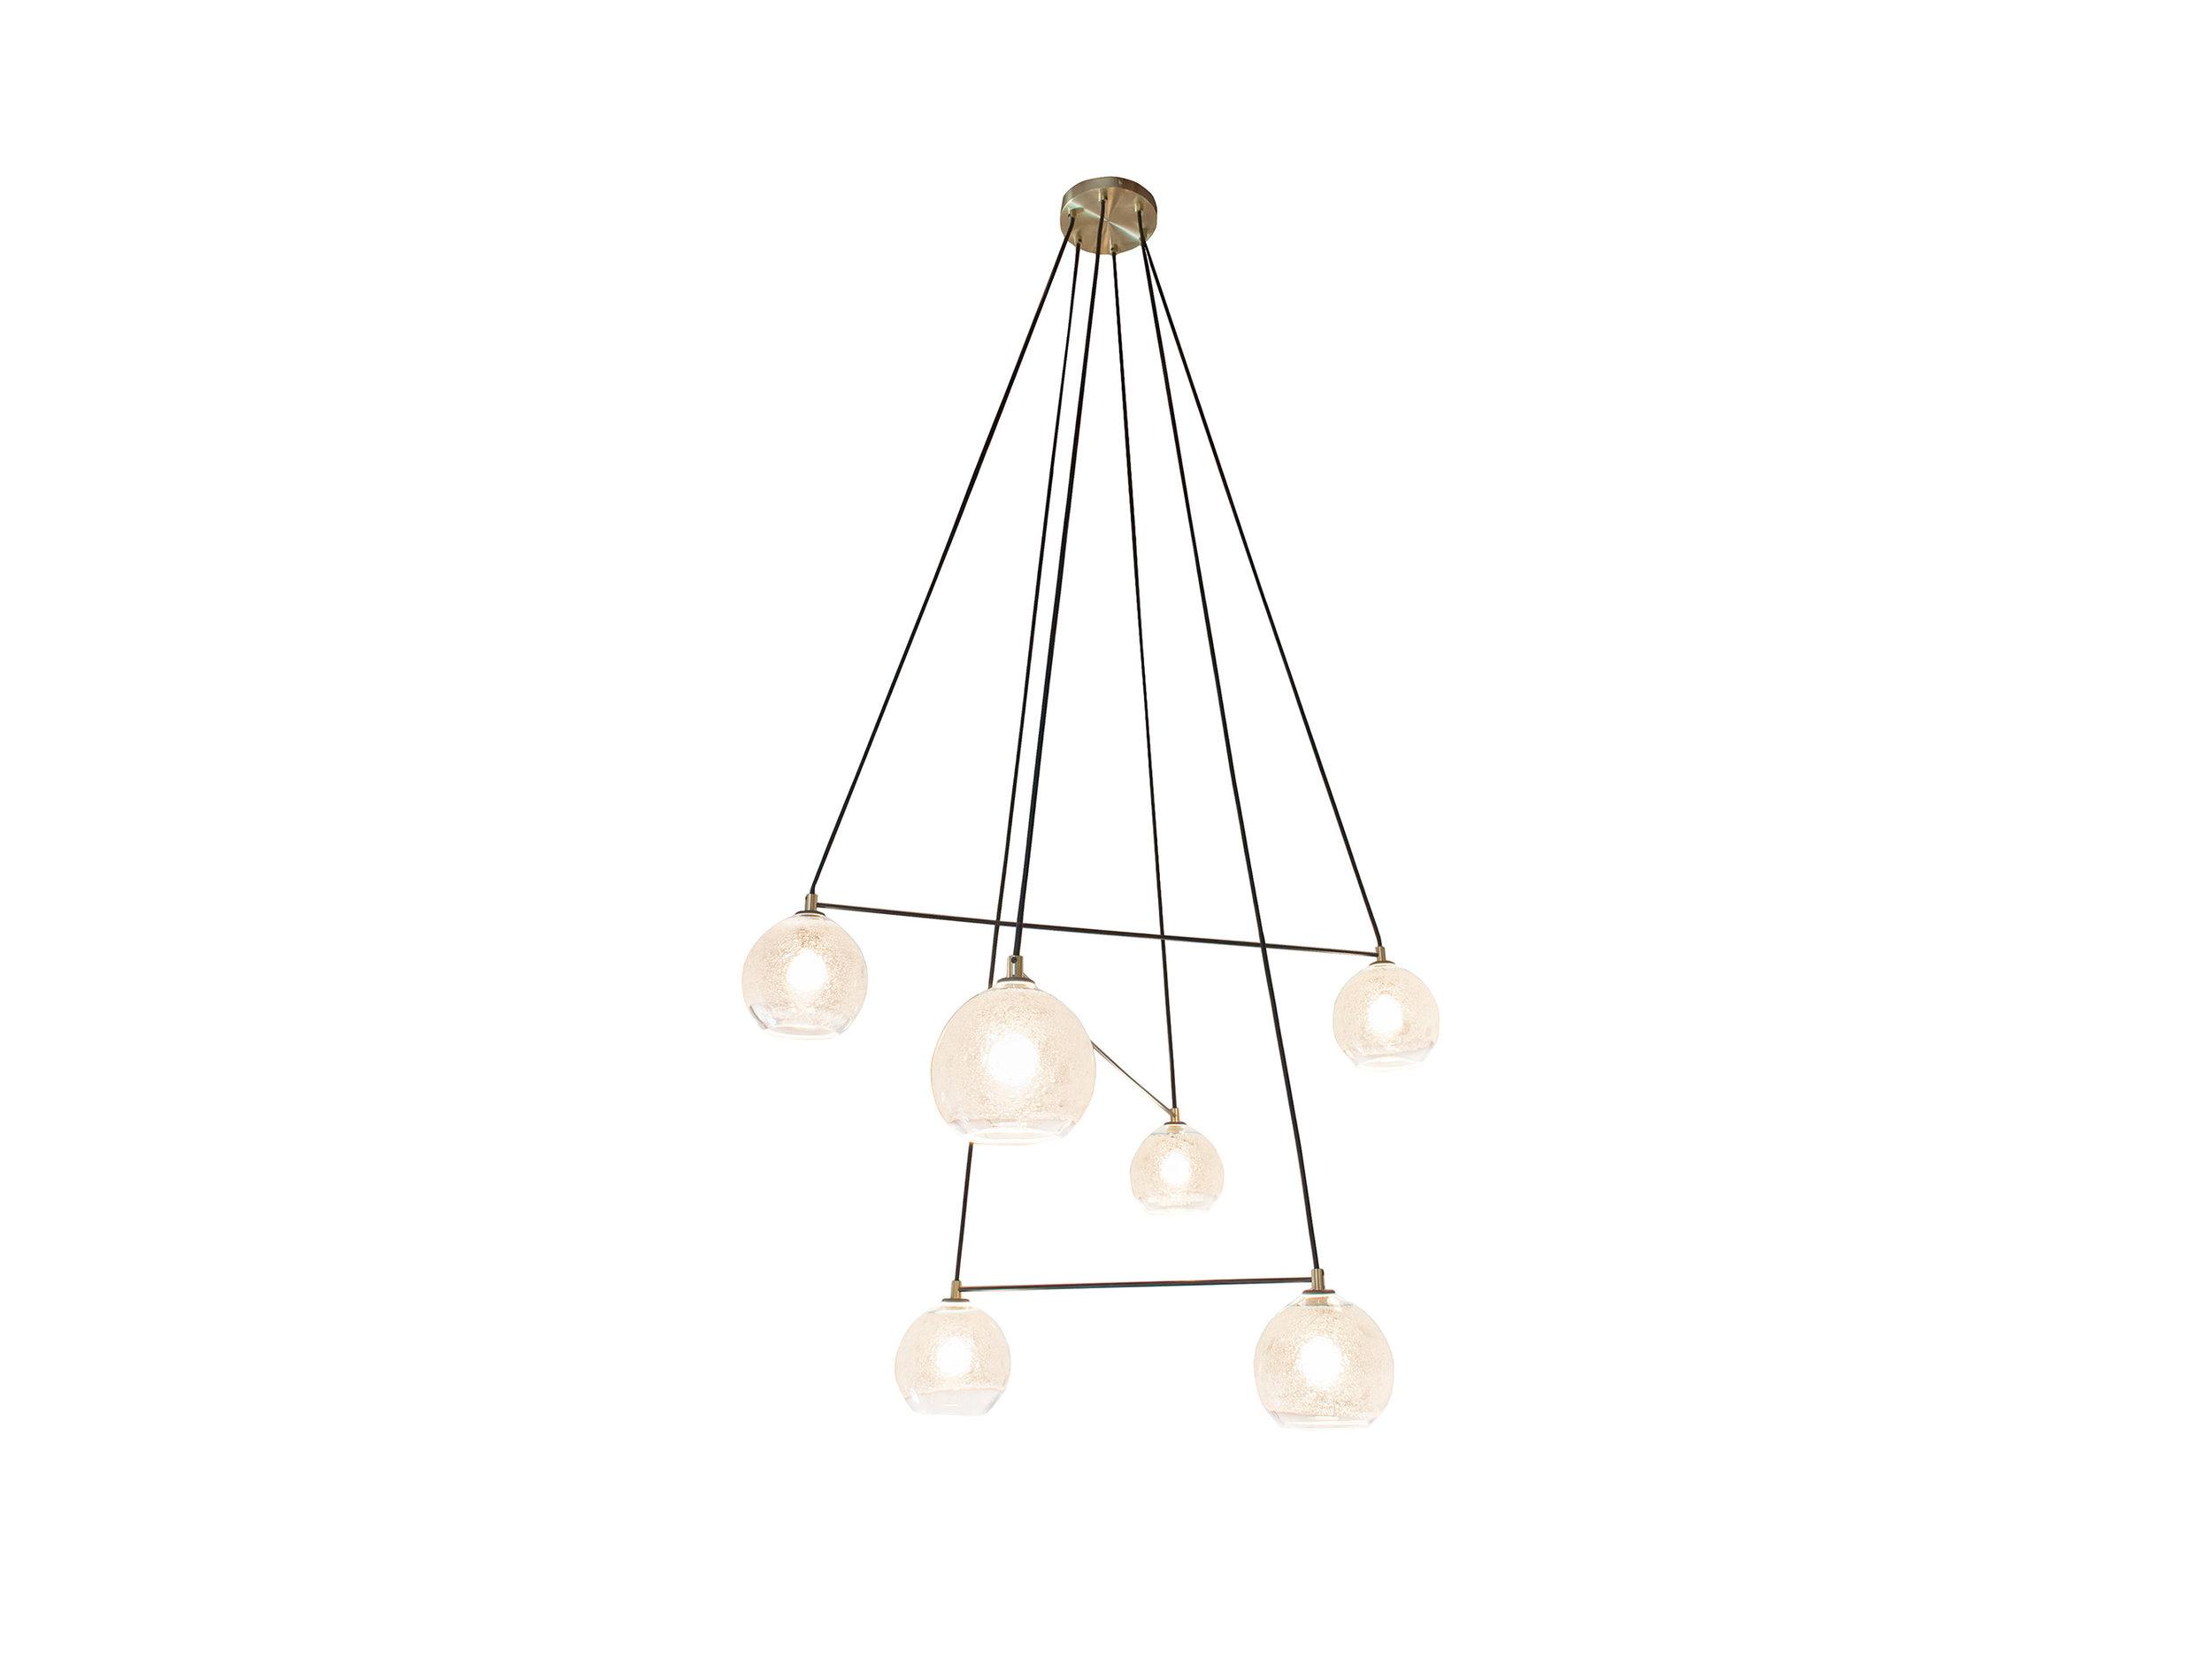 chandelier canopy diagram [ 1500 x 1125 Pixel ]